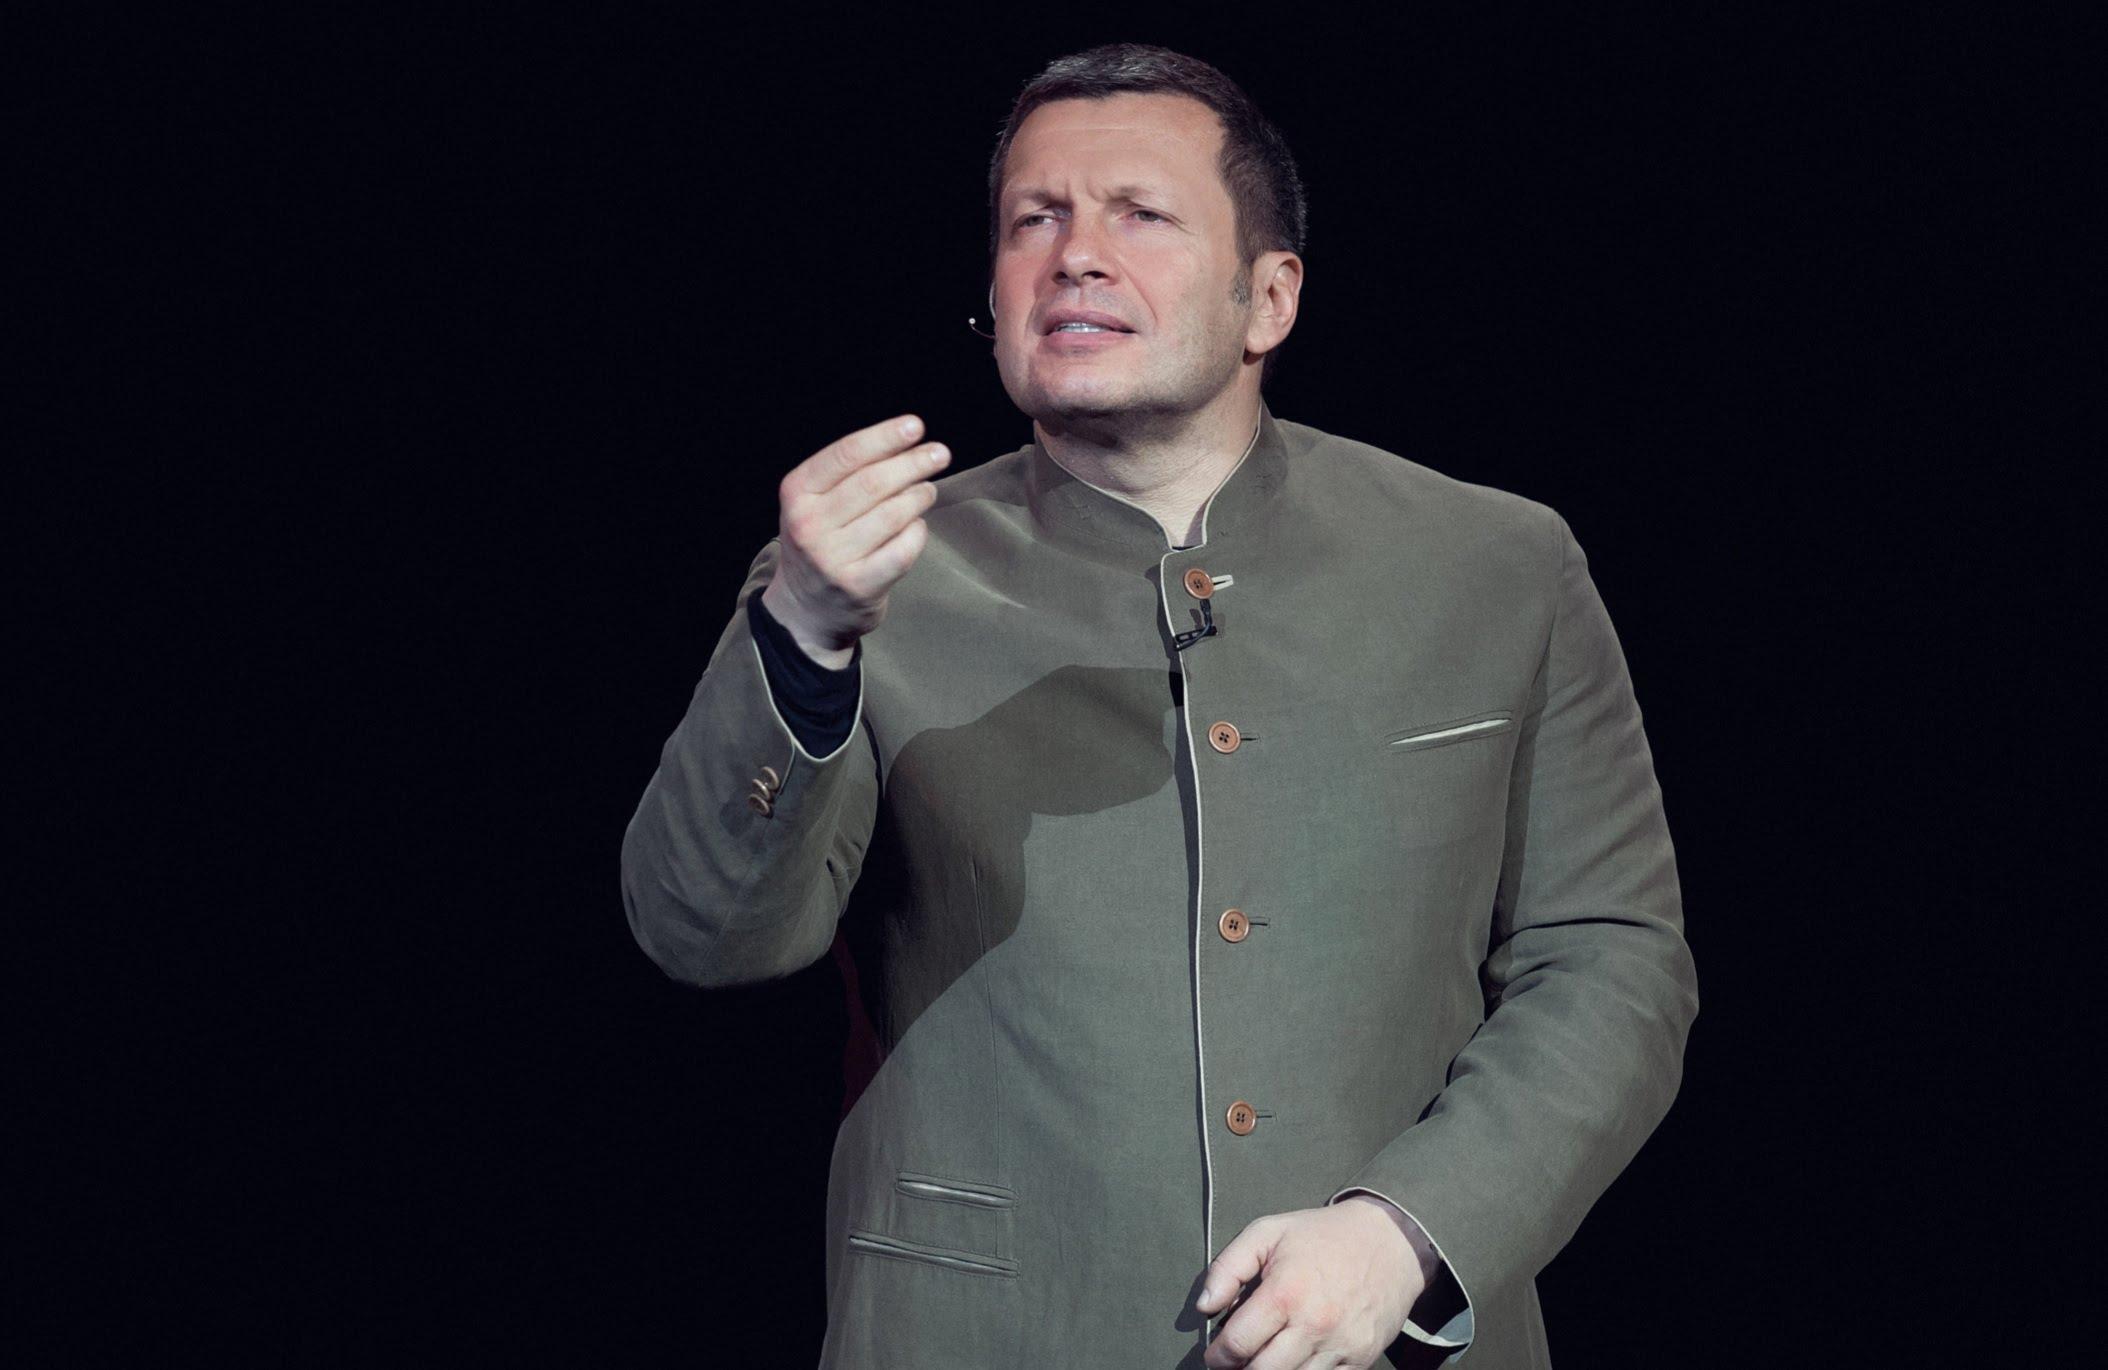 Вилла за среднюю зарплату и автореферат из твиттера. Как «Вести» защищали Мединского и Соловьева